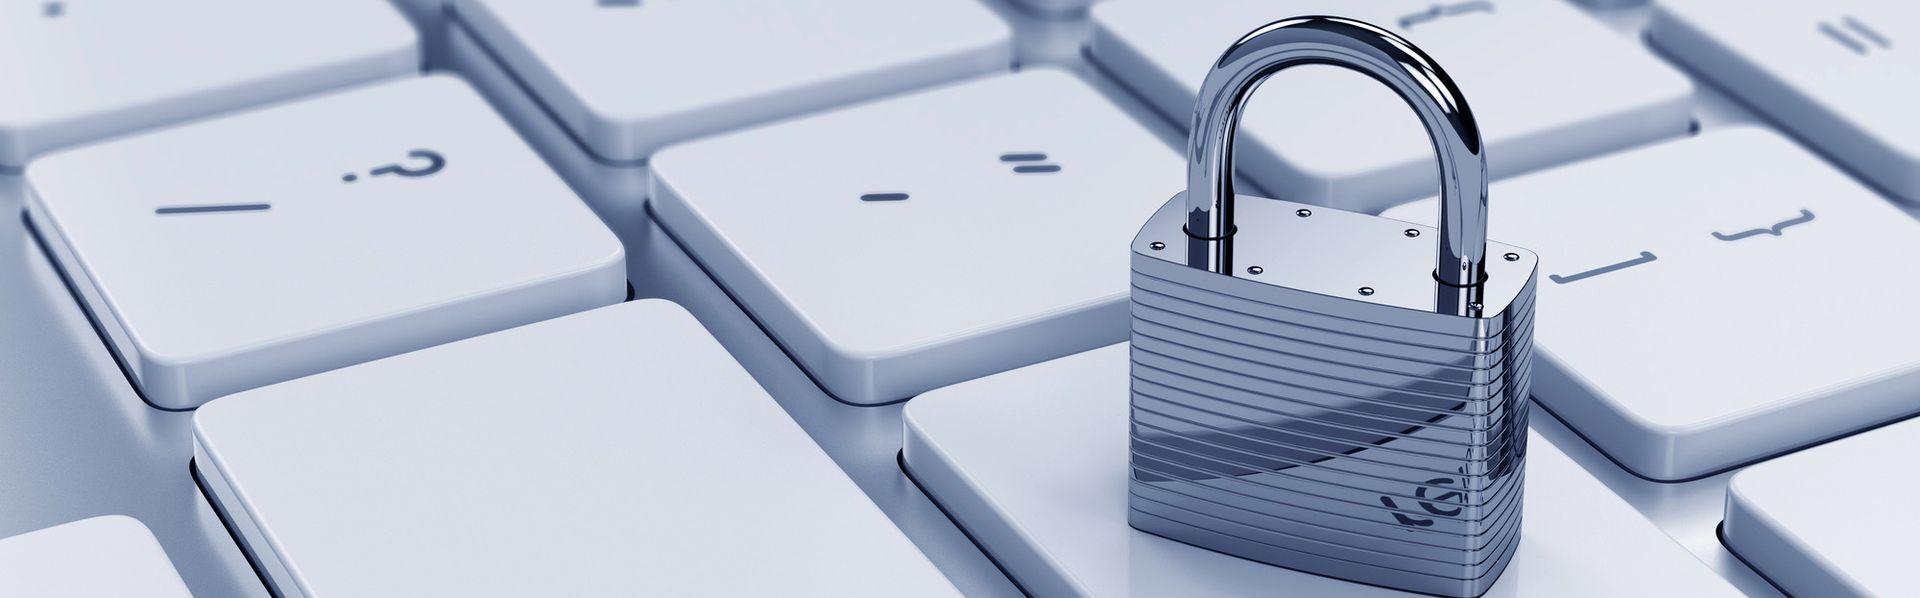 La protection des données. [Denrud - Depositphotos]